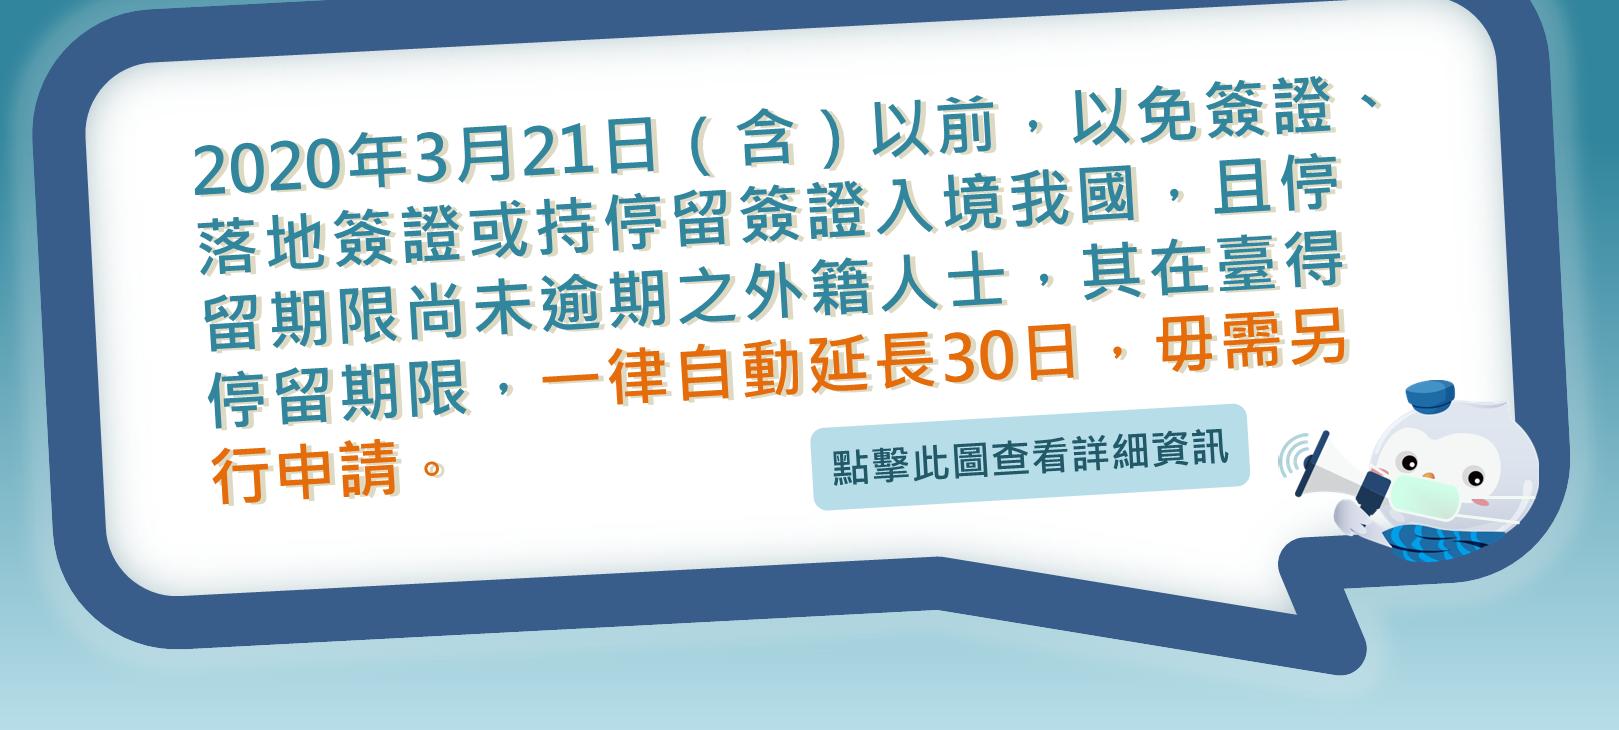 簽證停留期限延長30天措施